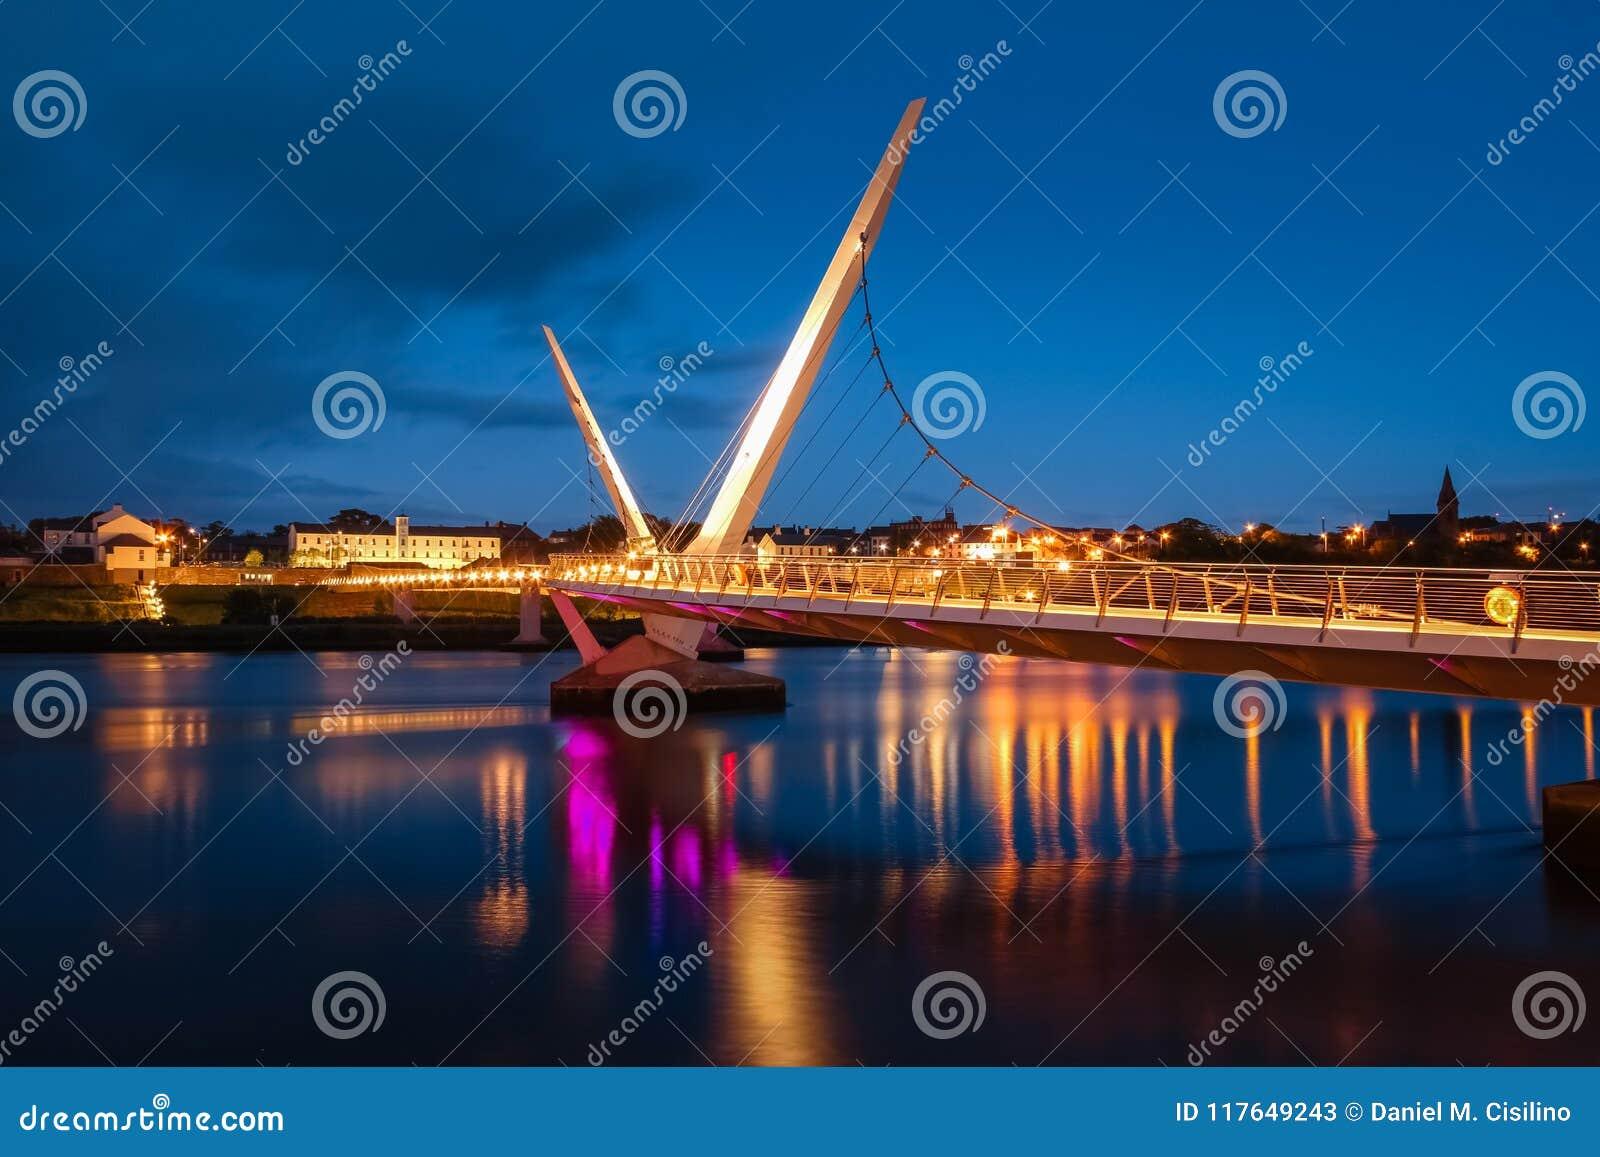 Die Friedensbrücke Derry Londonderry Nordirland Vereinigtes Königreich